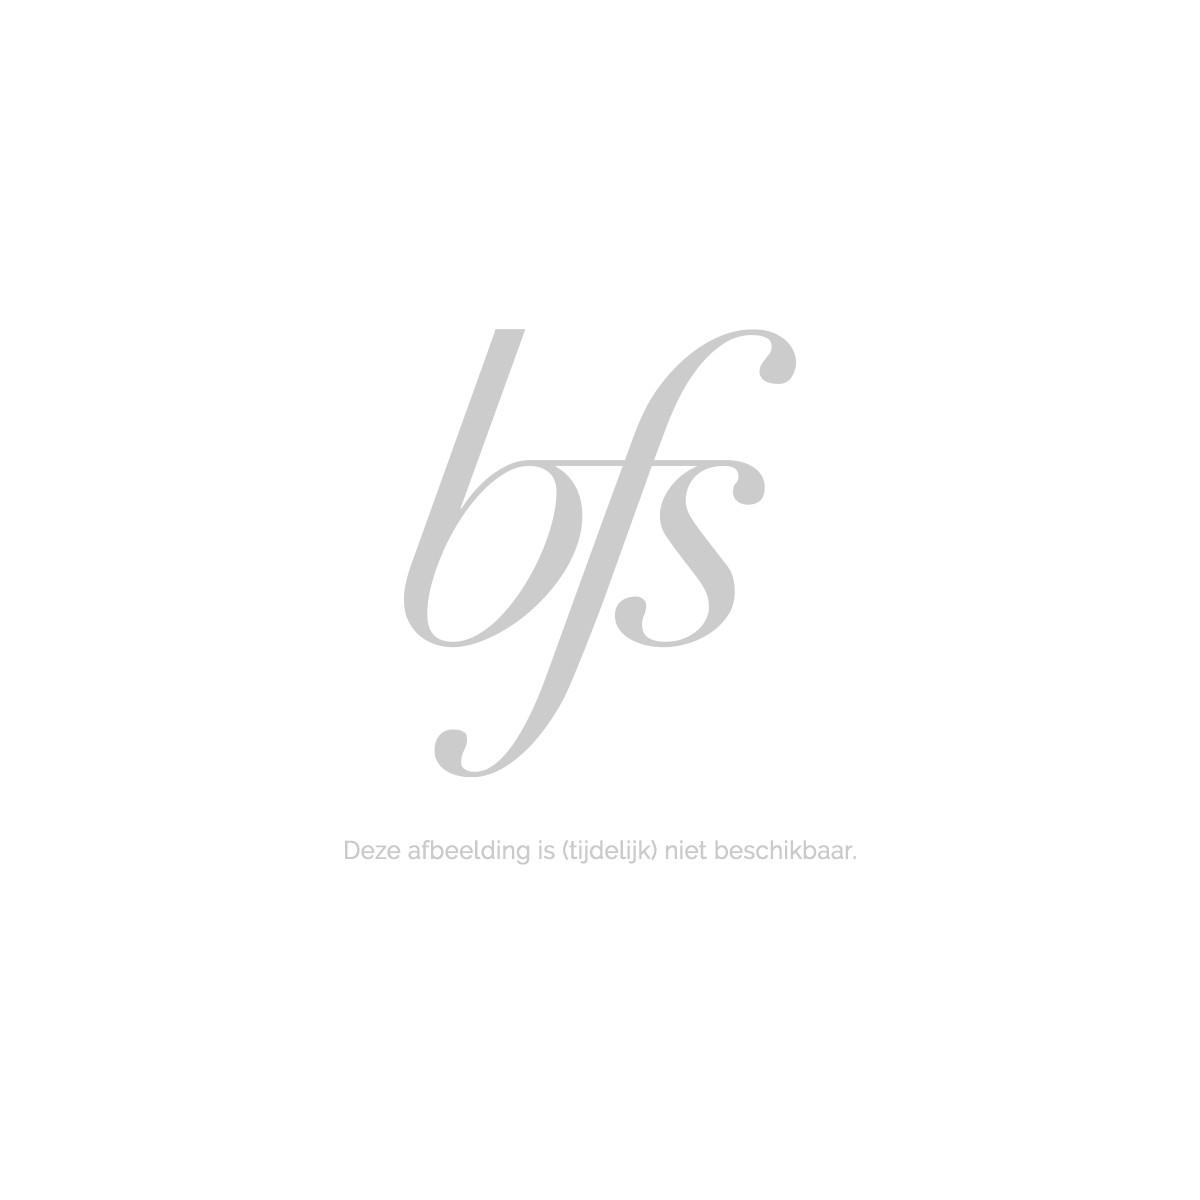 Christian Dior Diorblush Vibrant Colour Powder Blush 7 Gr